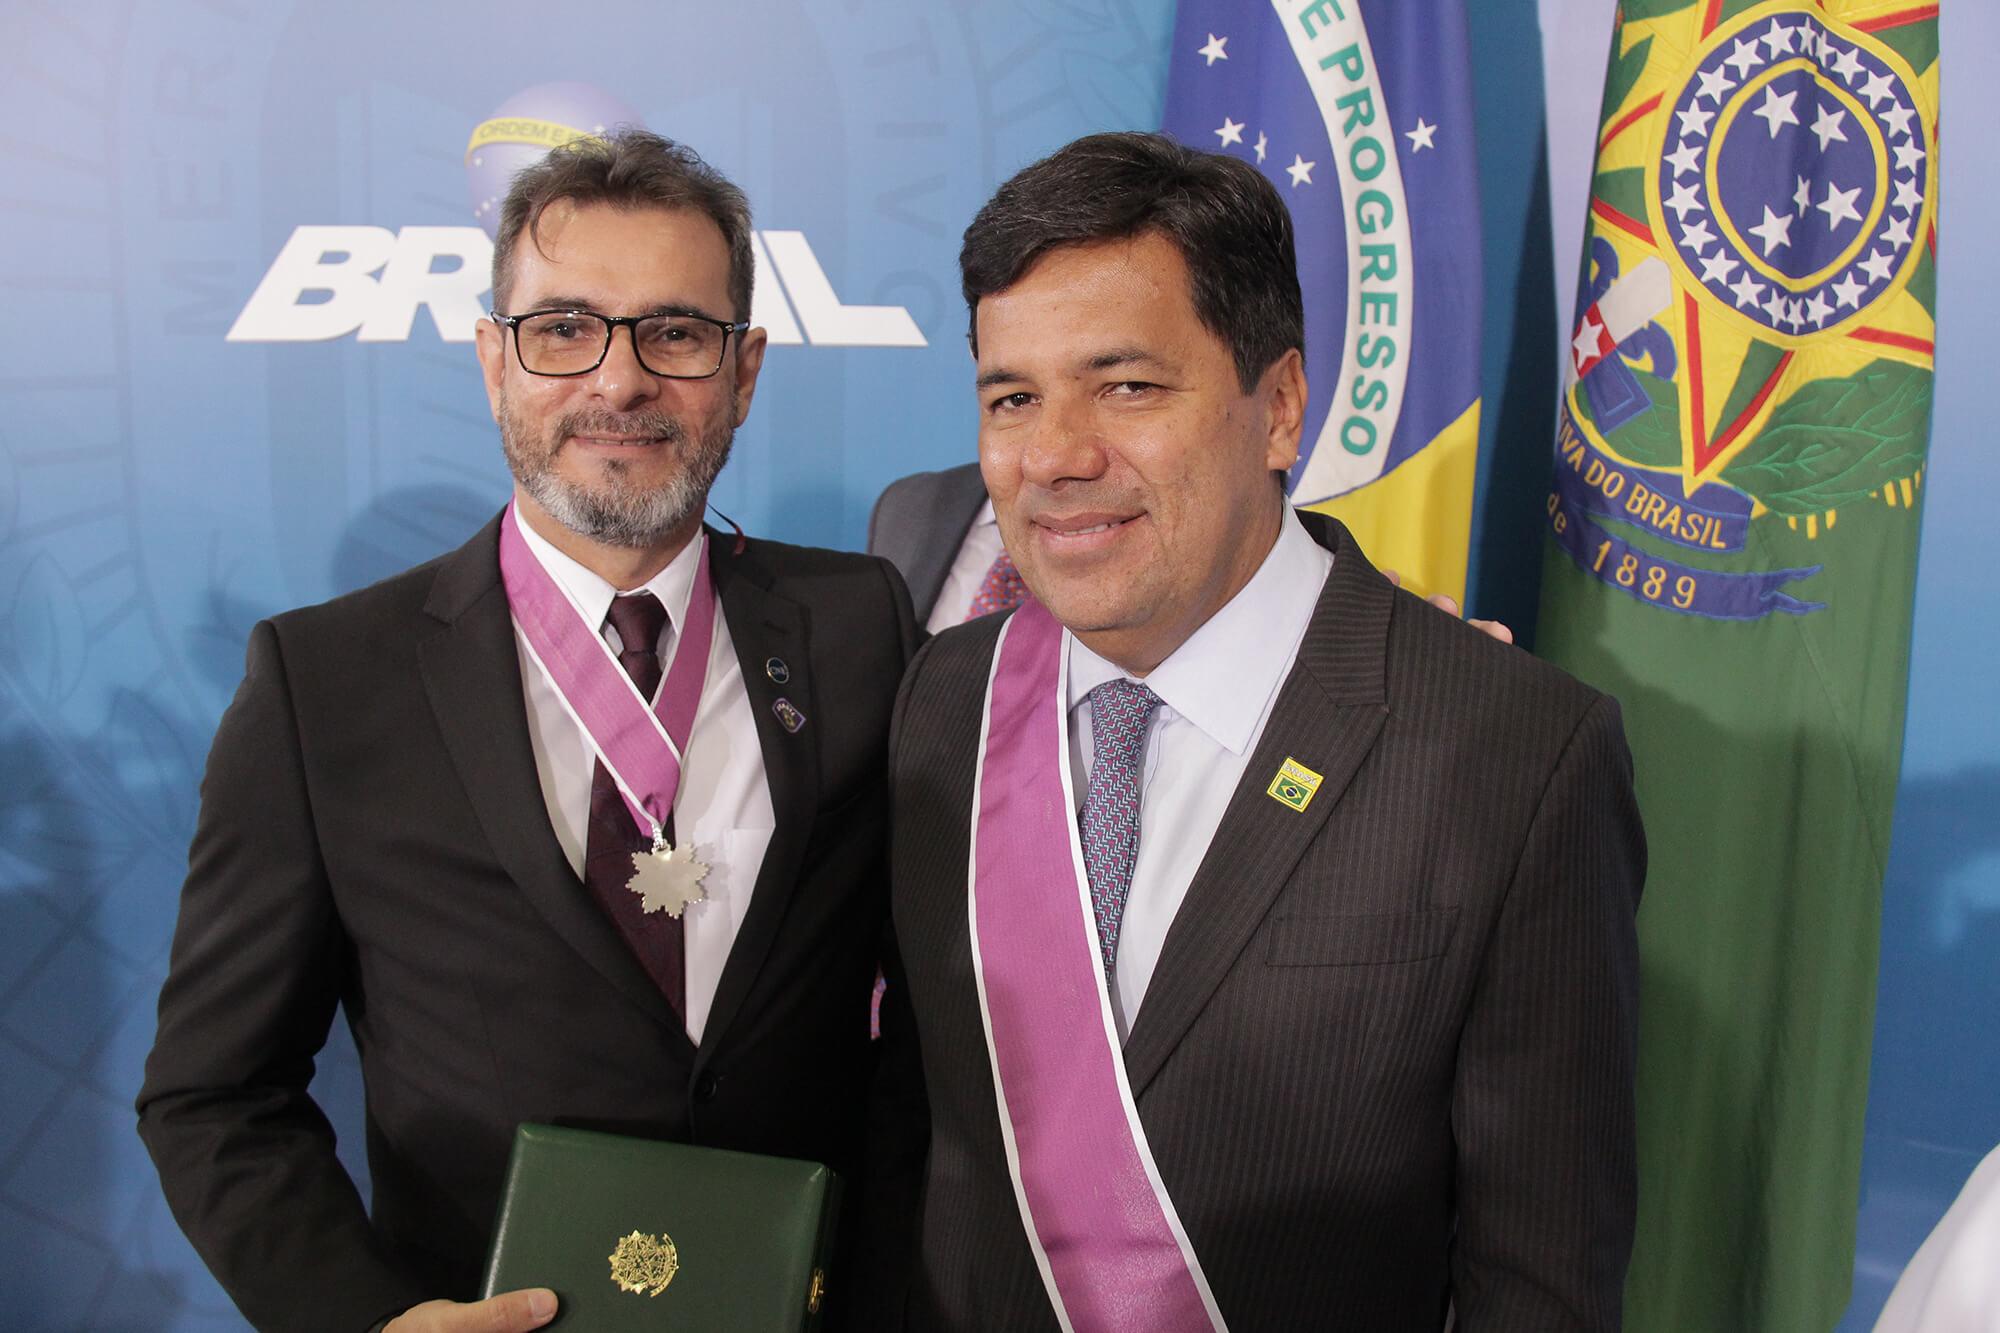 Presidente da Undime recebe Comenda Ordem Nacional do Mérito Educativo